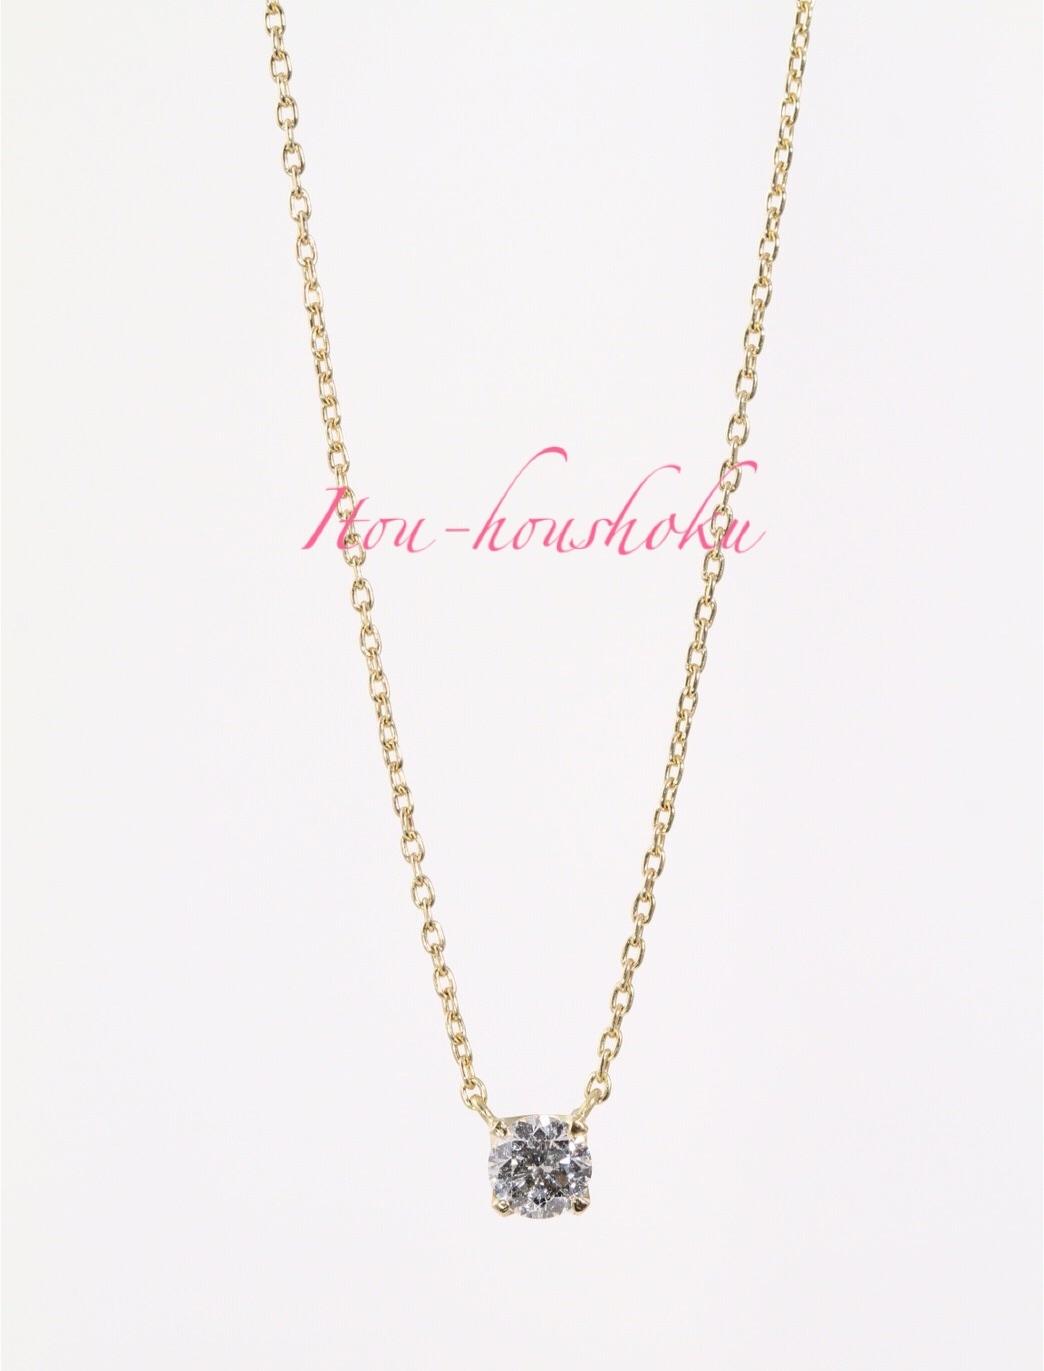 K18 ダイヤ0.306ct ネックレス